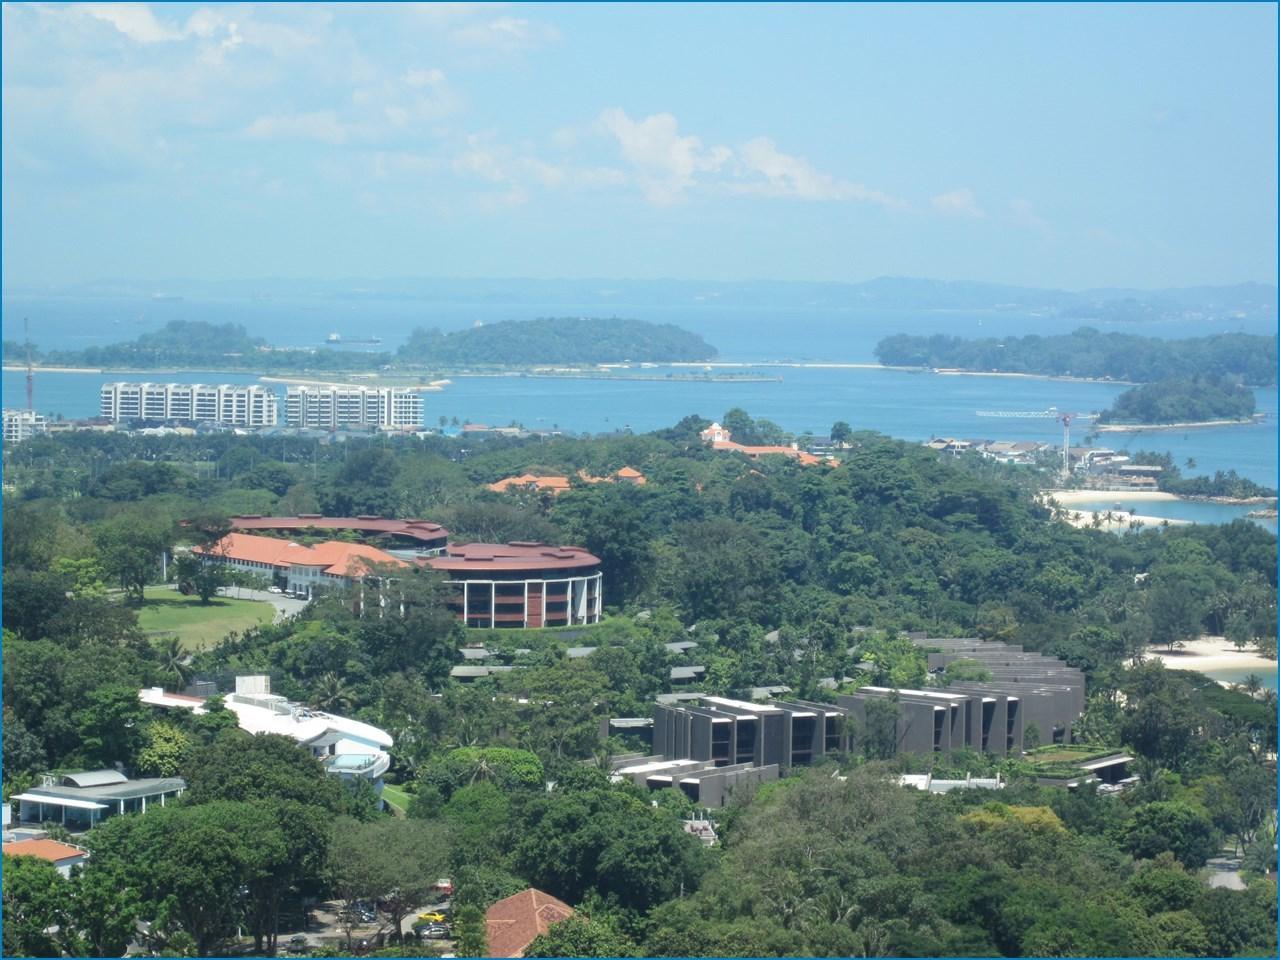 シンガポール建築見学 回想_c0376508_08262784.jpg